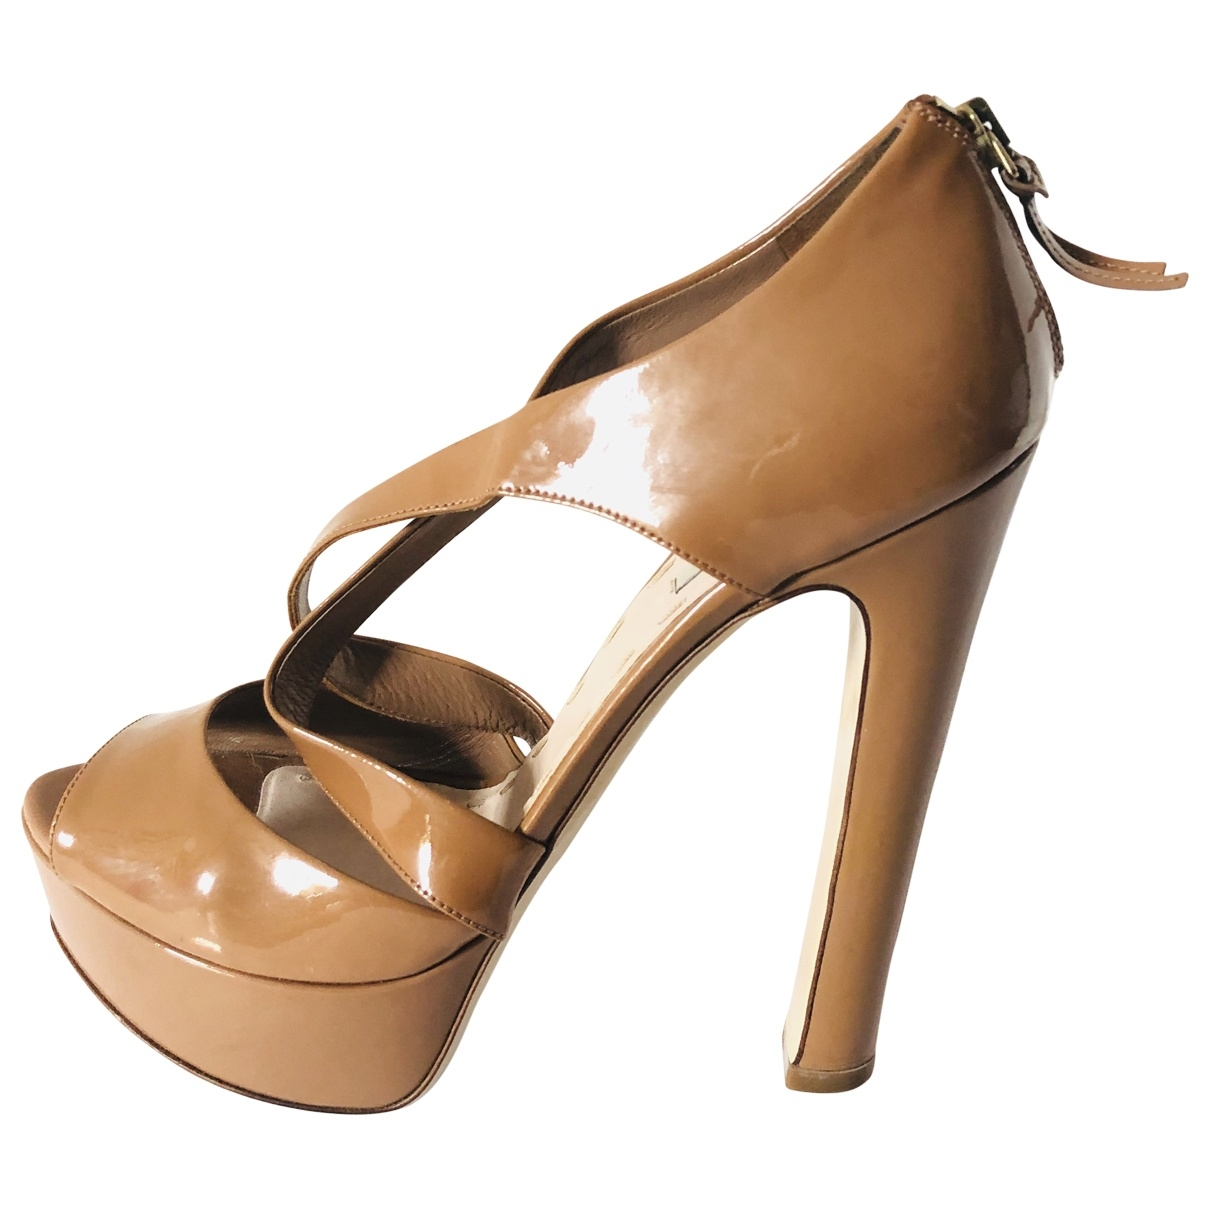 Miu Miu \N Camel Patent leather Sandals for Women 38.5 EU